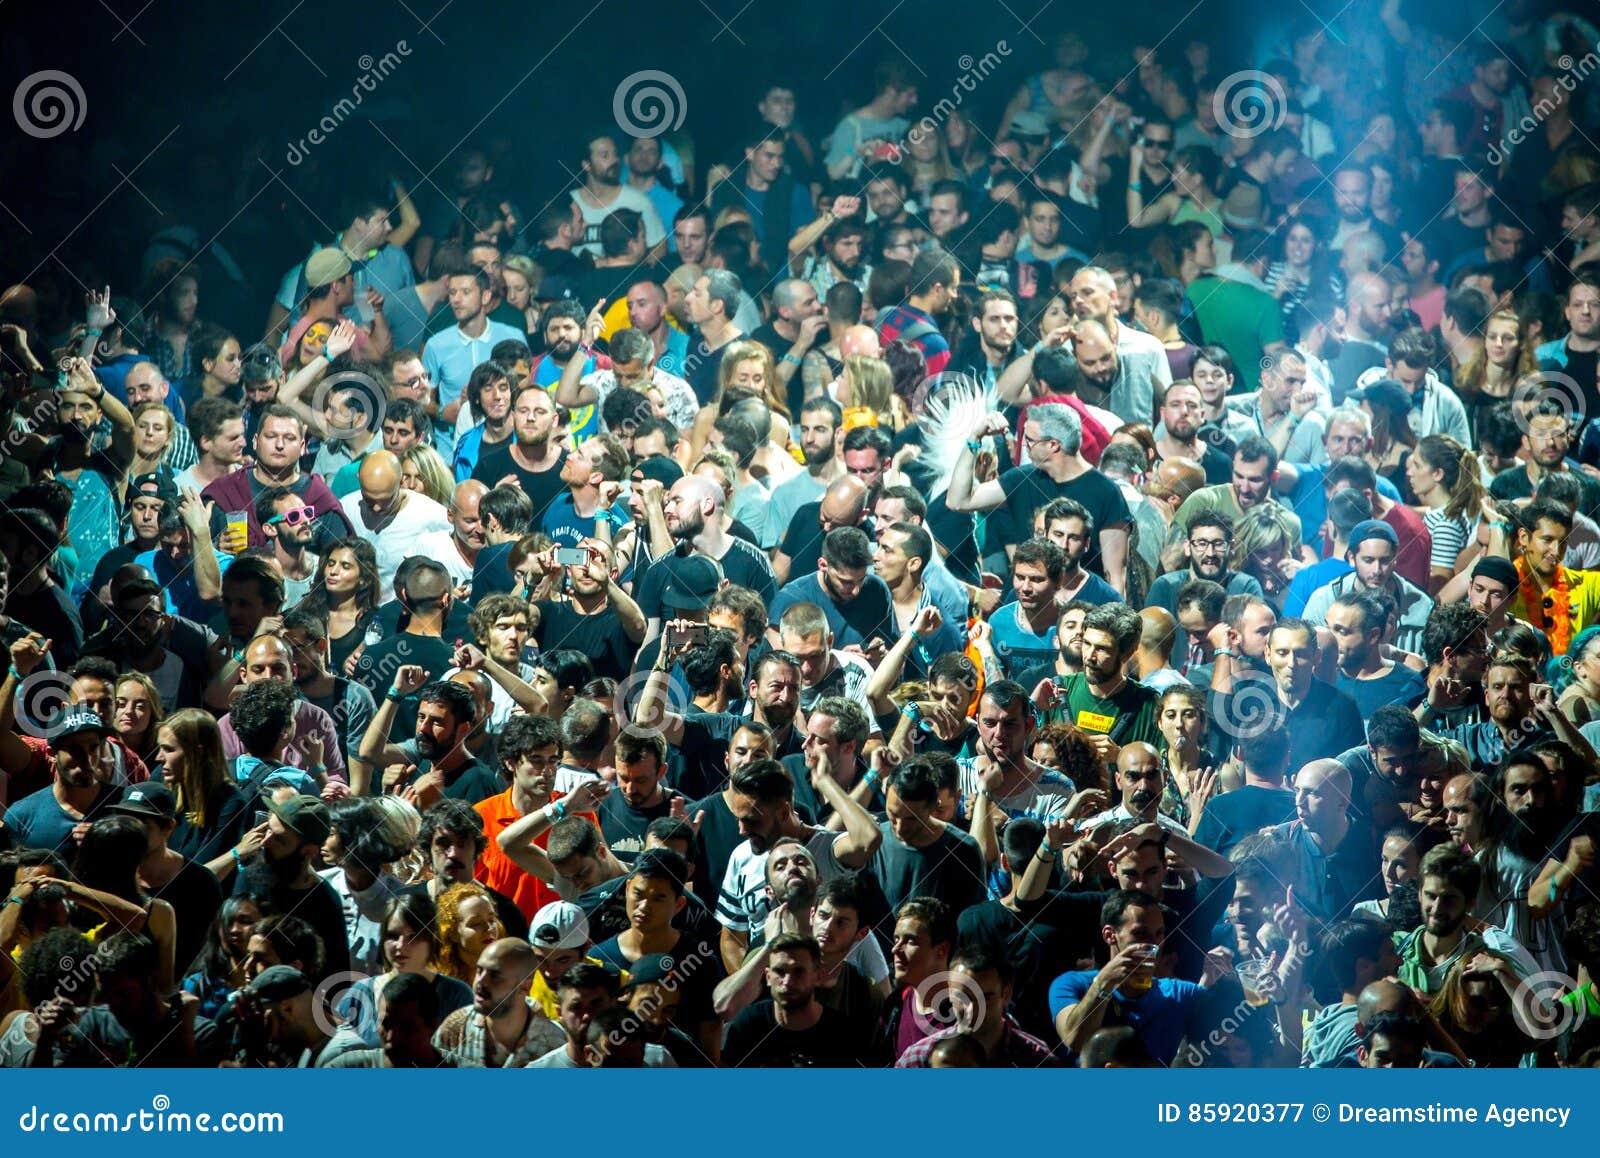 在迪斯科舞厅的人群